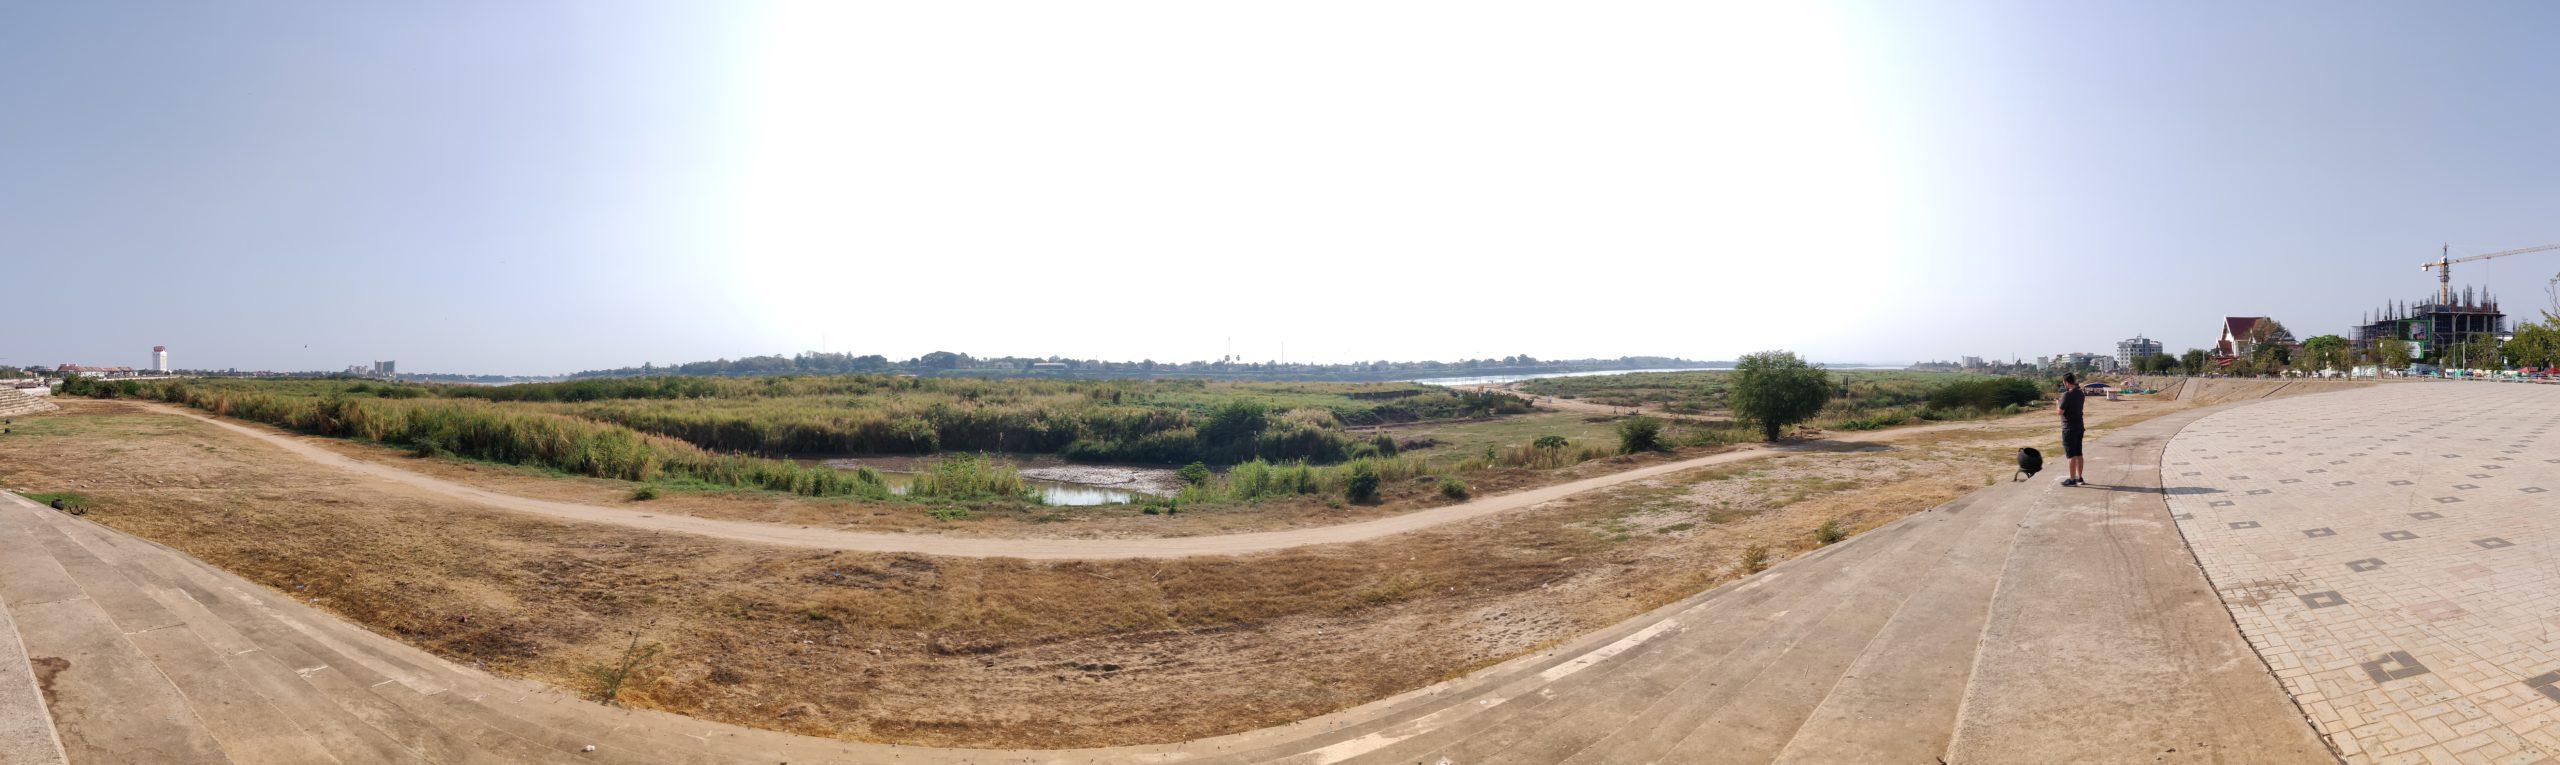 Images of Vientiane